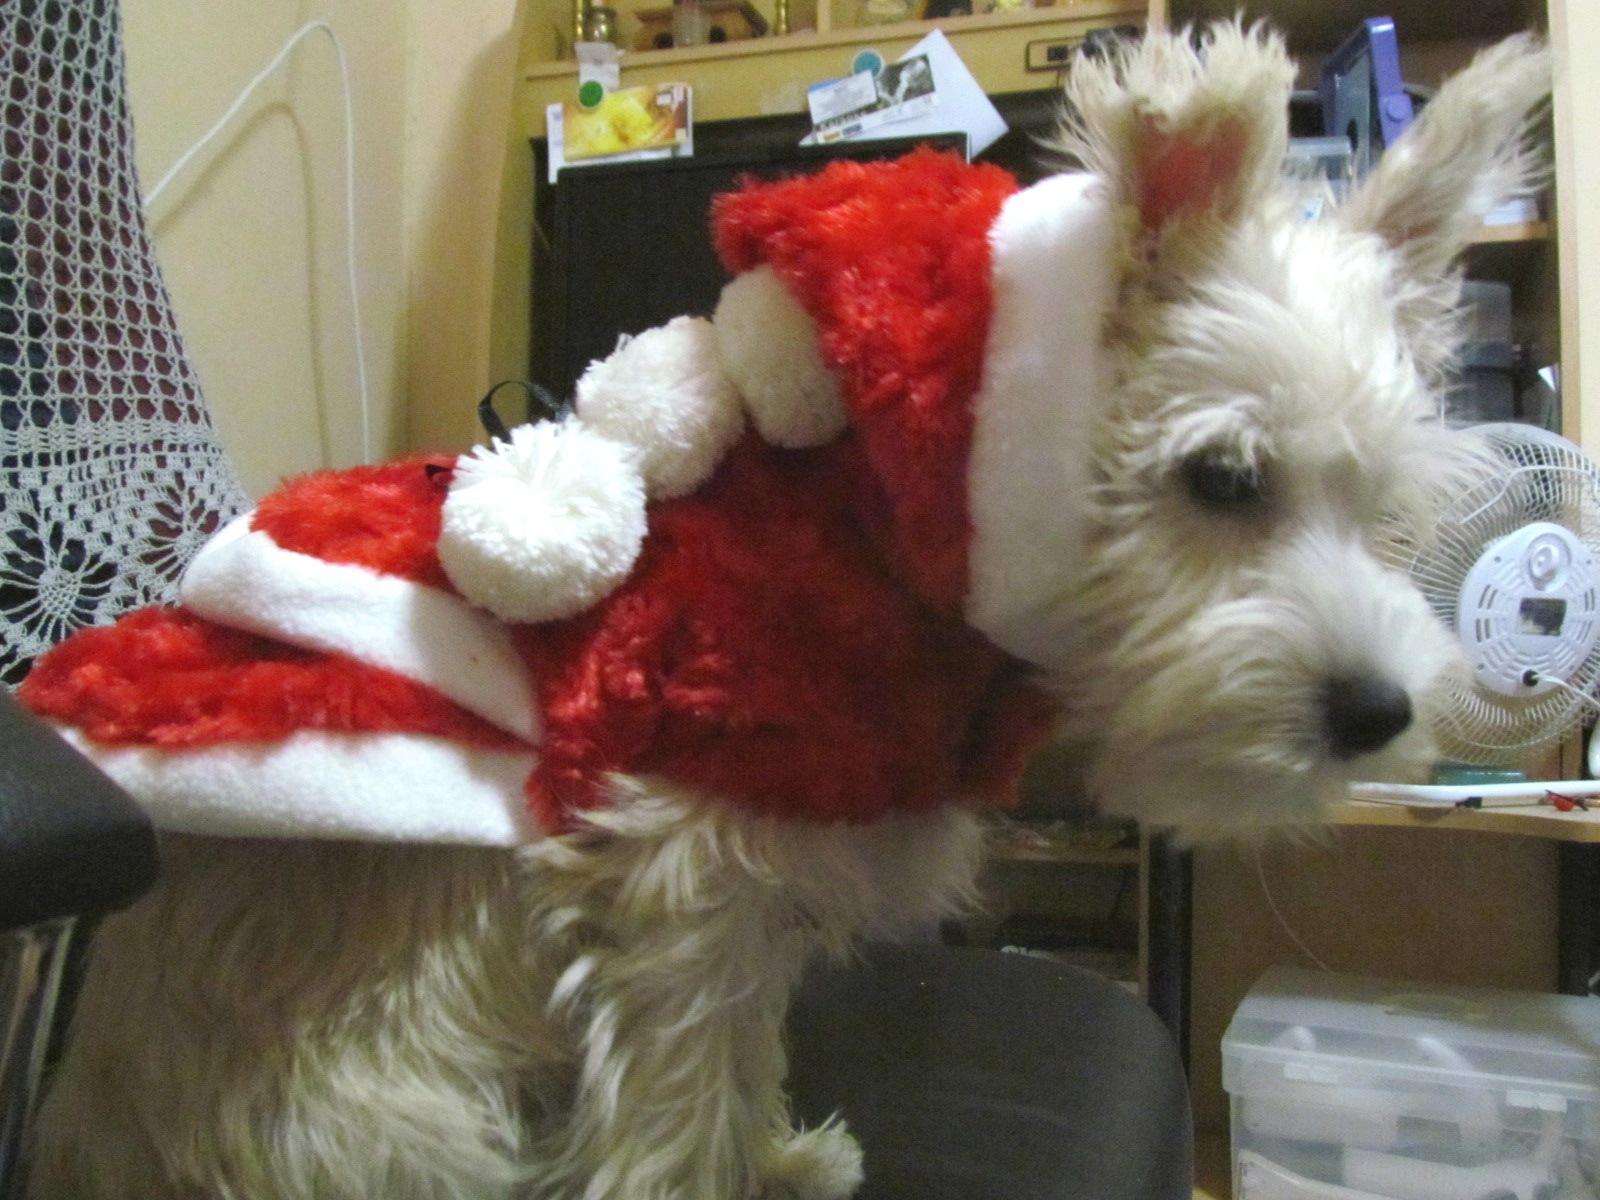 ลองชุดซานตี้ ไว้ใส่ไปงาน Christmas กับคุณแม่